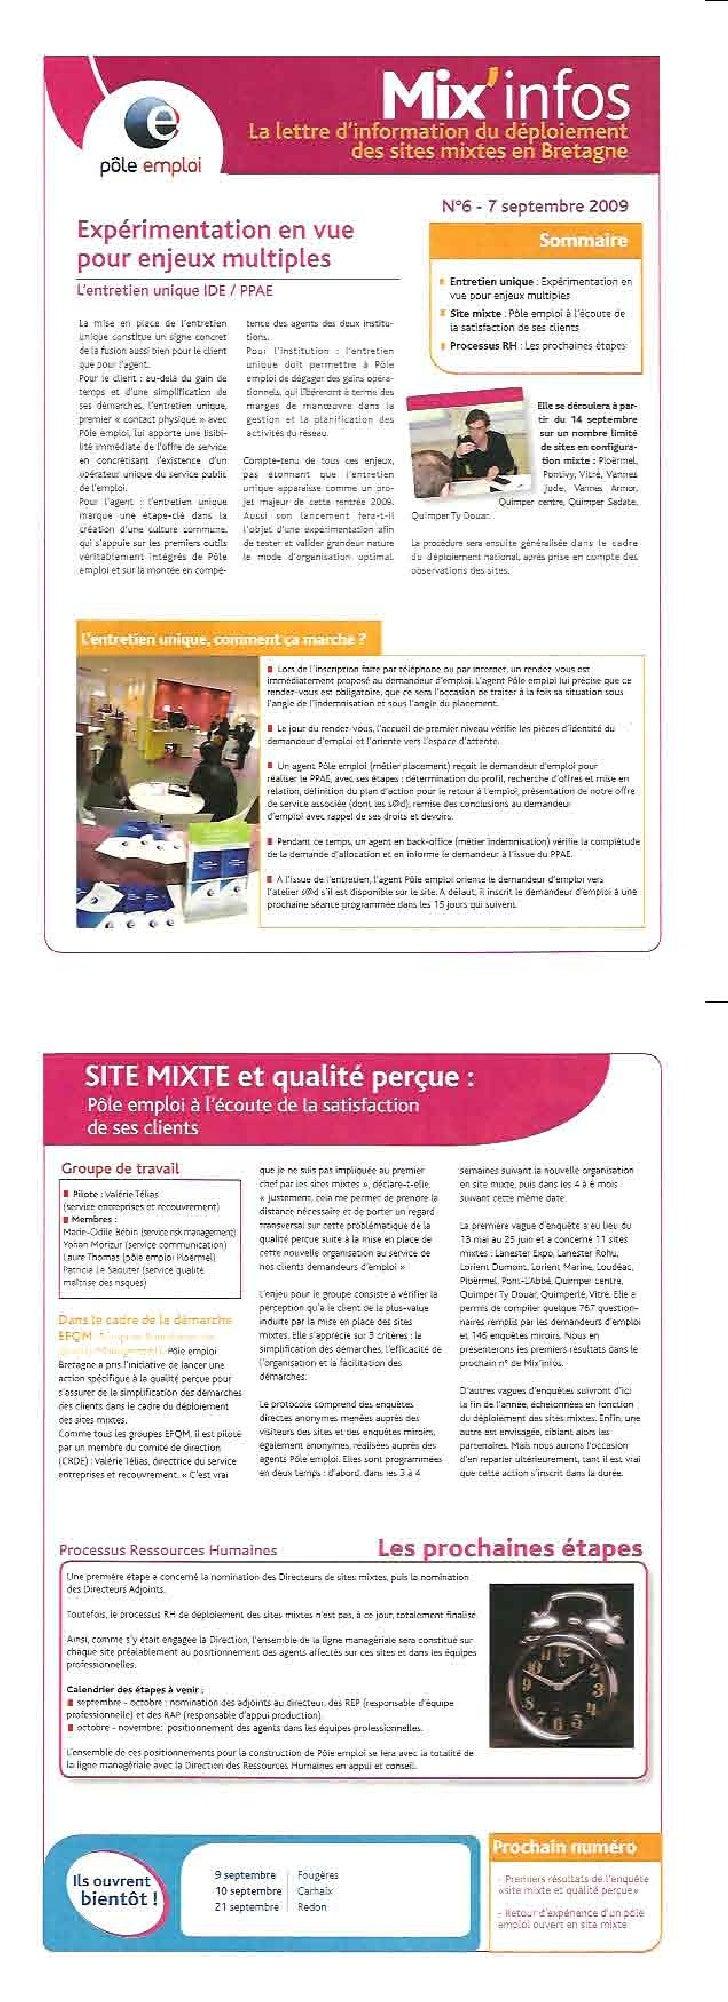 Mixinfos 6 du 7 Septembre 2009